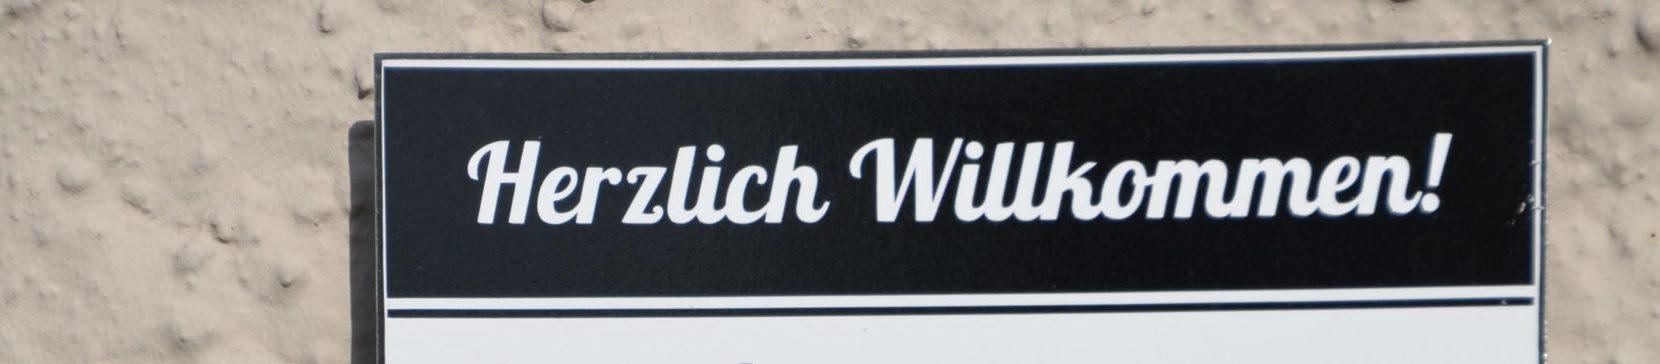 St.-Ursula-Kirchgemeinde Auerswalde